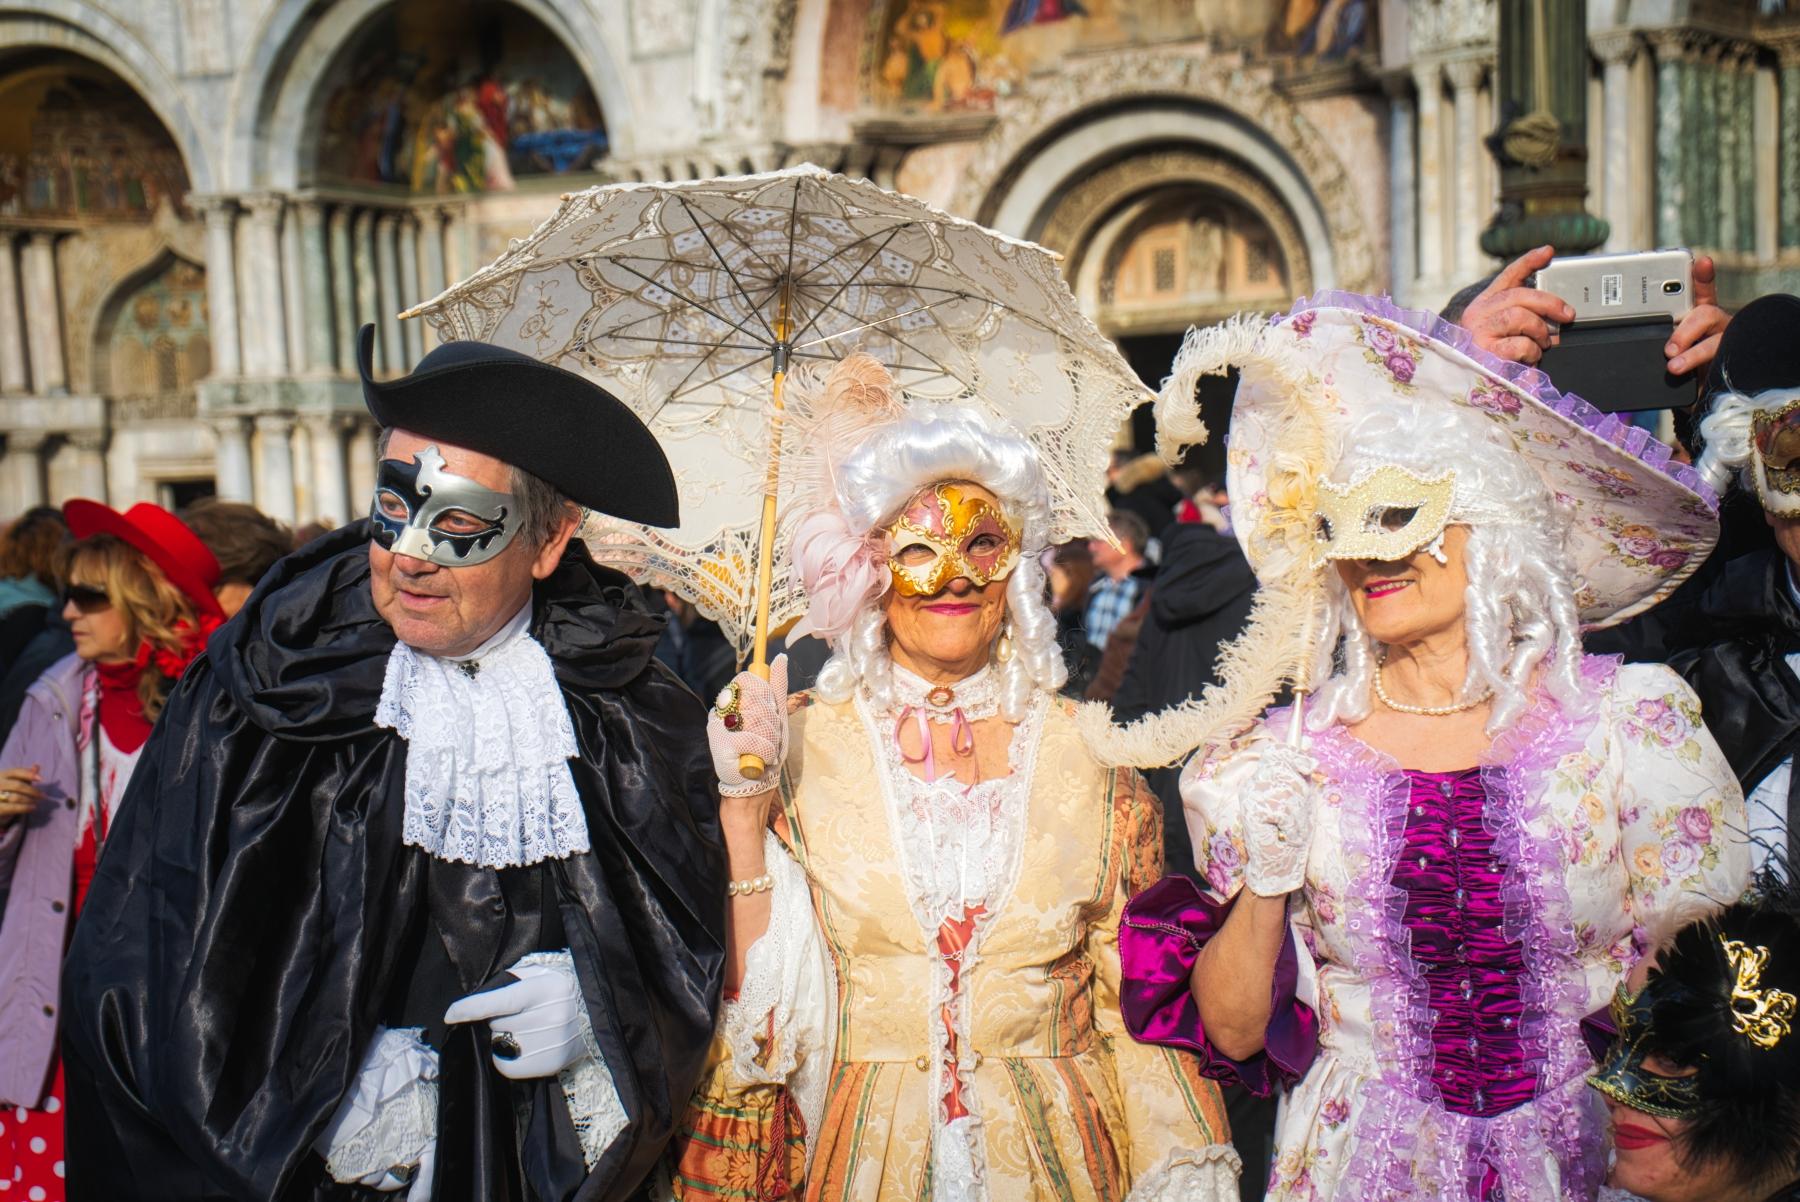 Drei feine Herrschaften in mittelalterlichen Masken